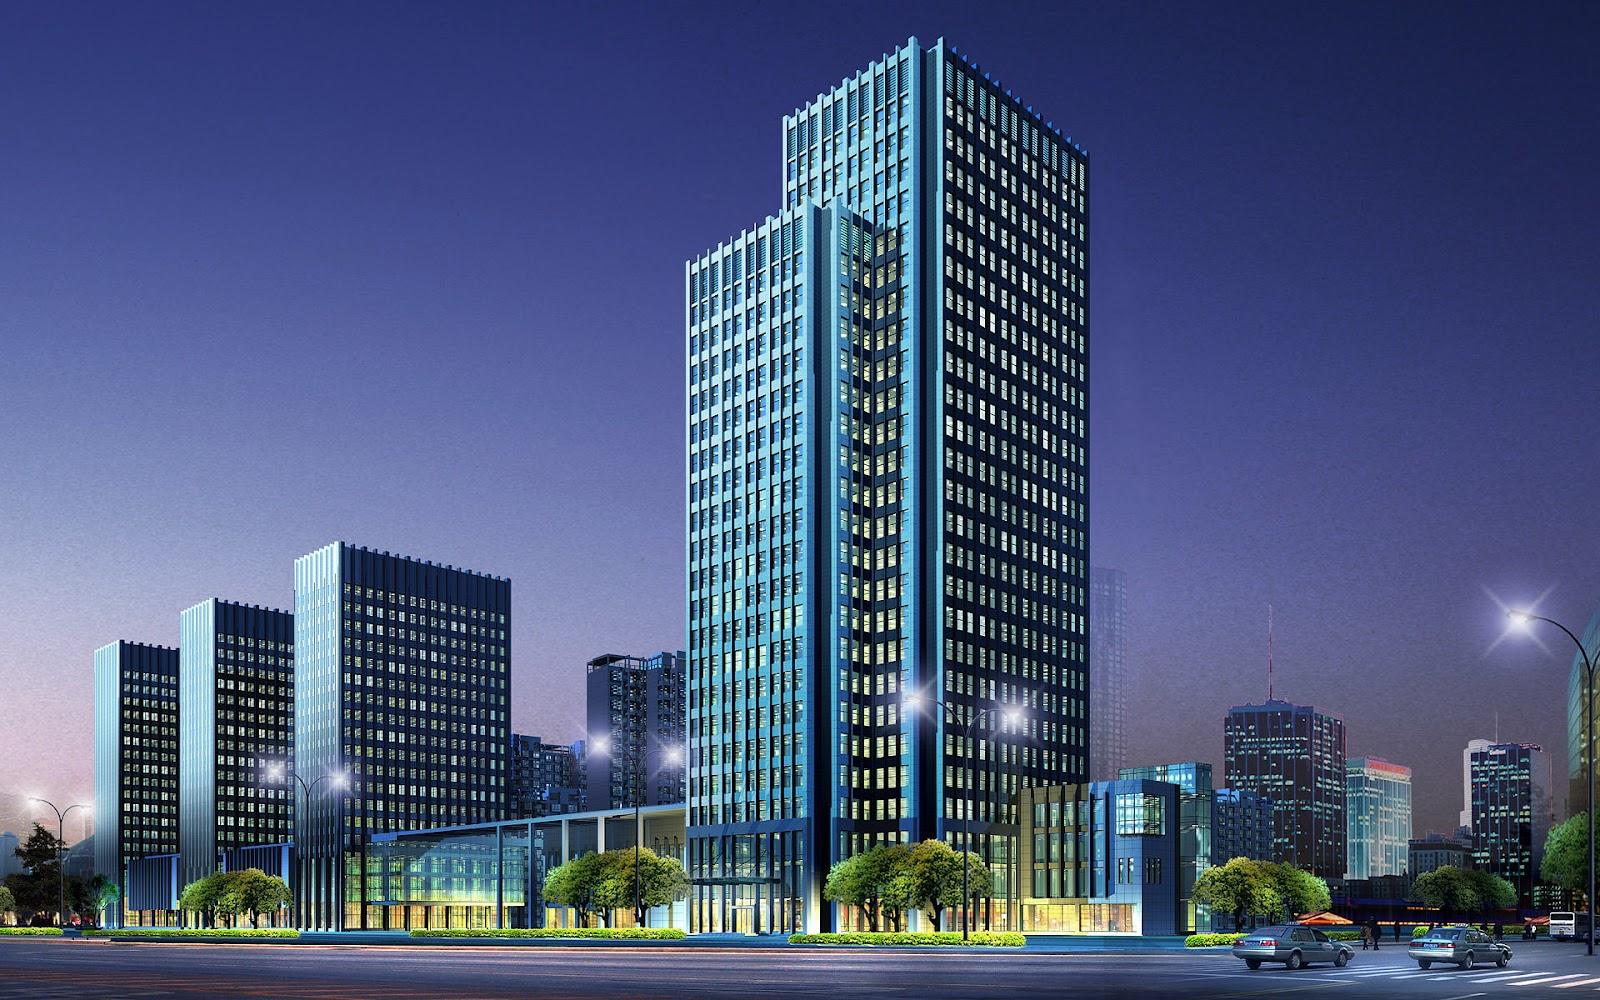 3d Buildings Wallpapers Top Best Hd For Desktop